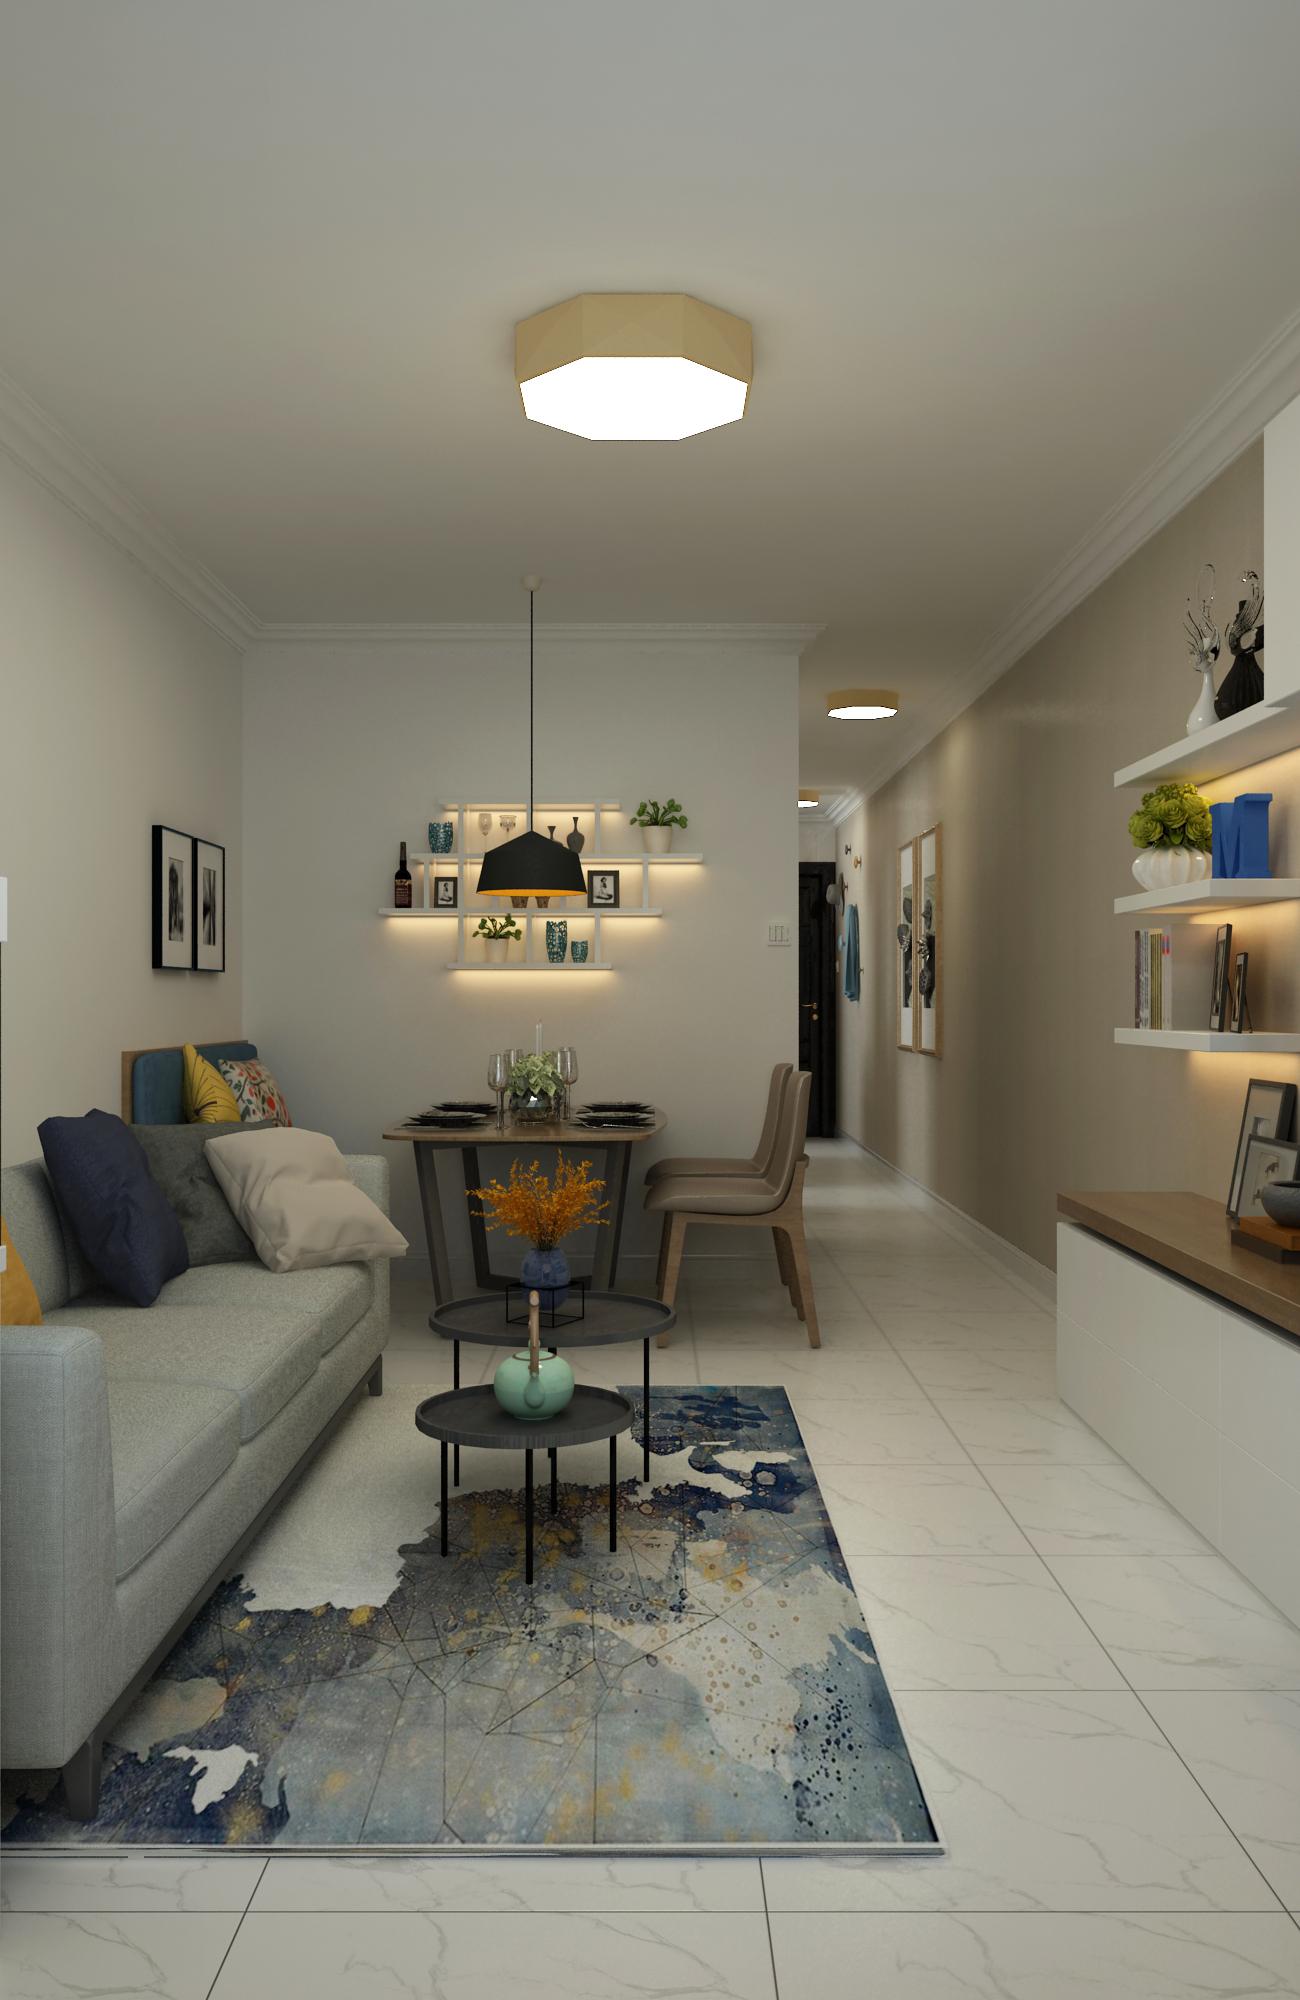 二居室现代北欧家沙发图片